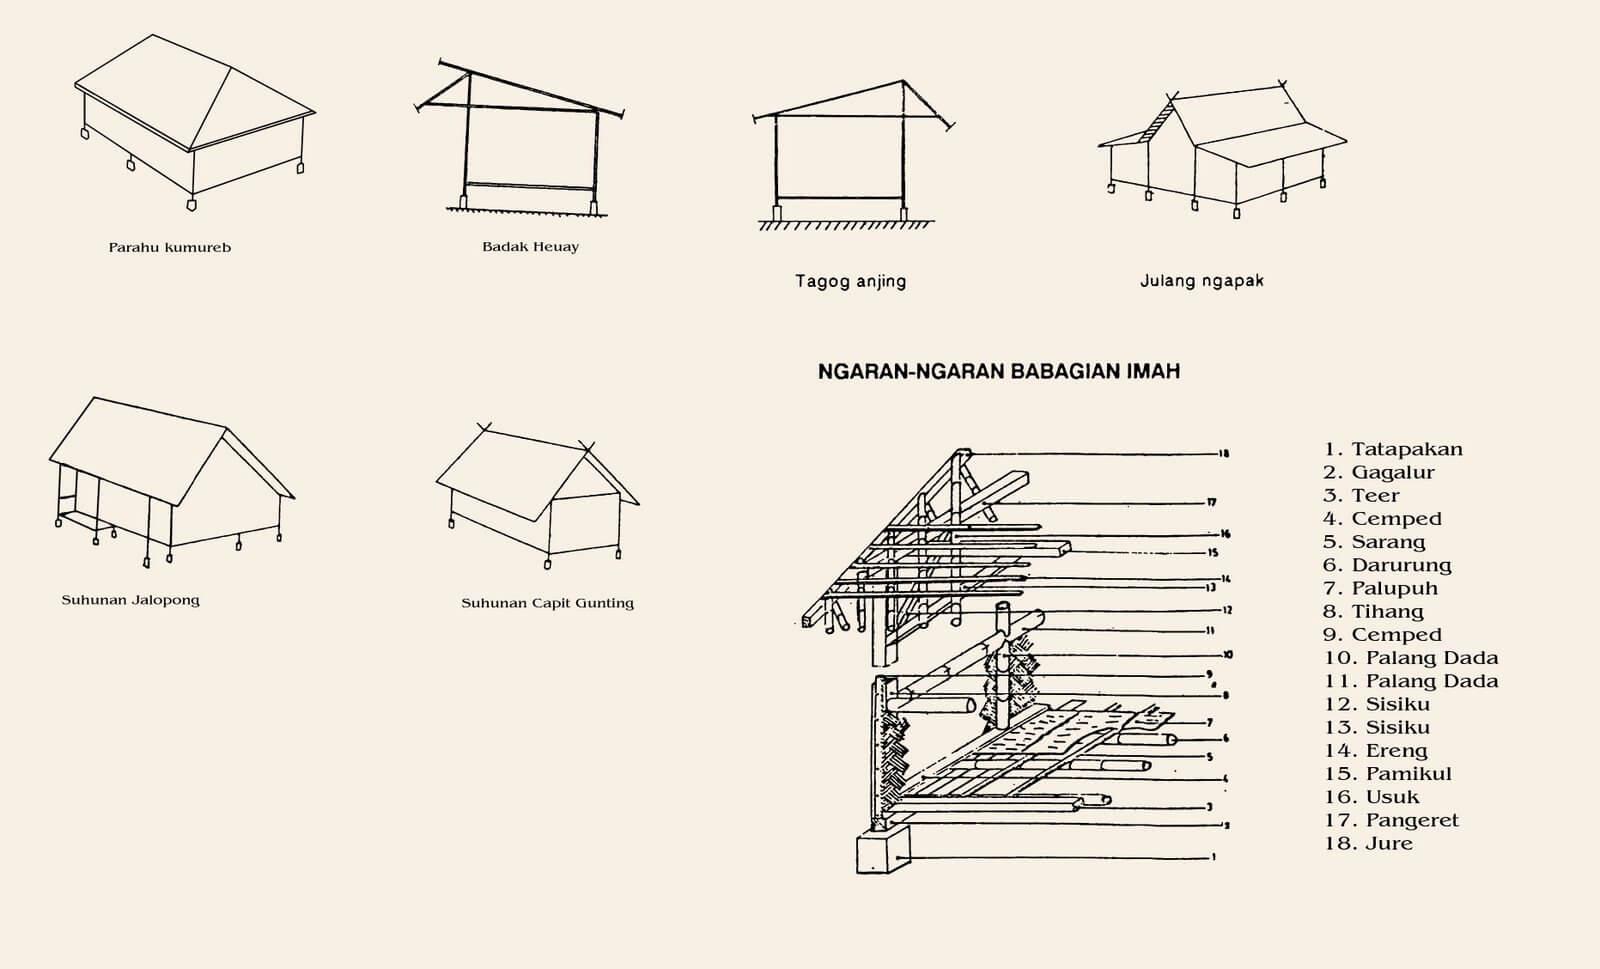 Bagian rumah adat Jawa Barat